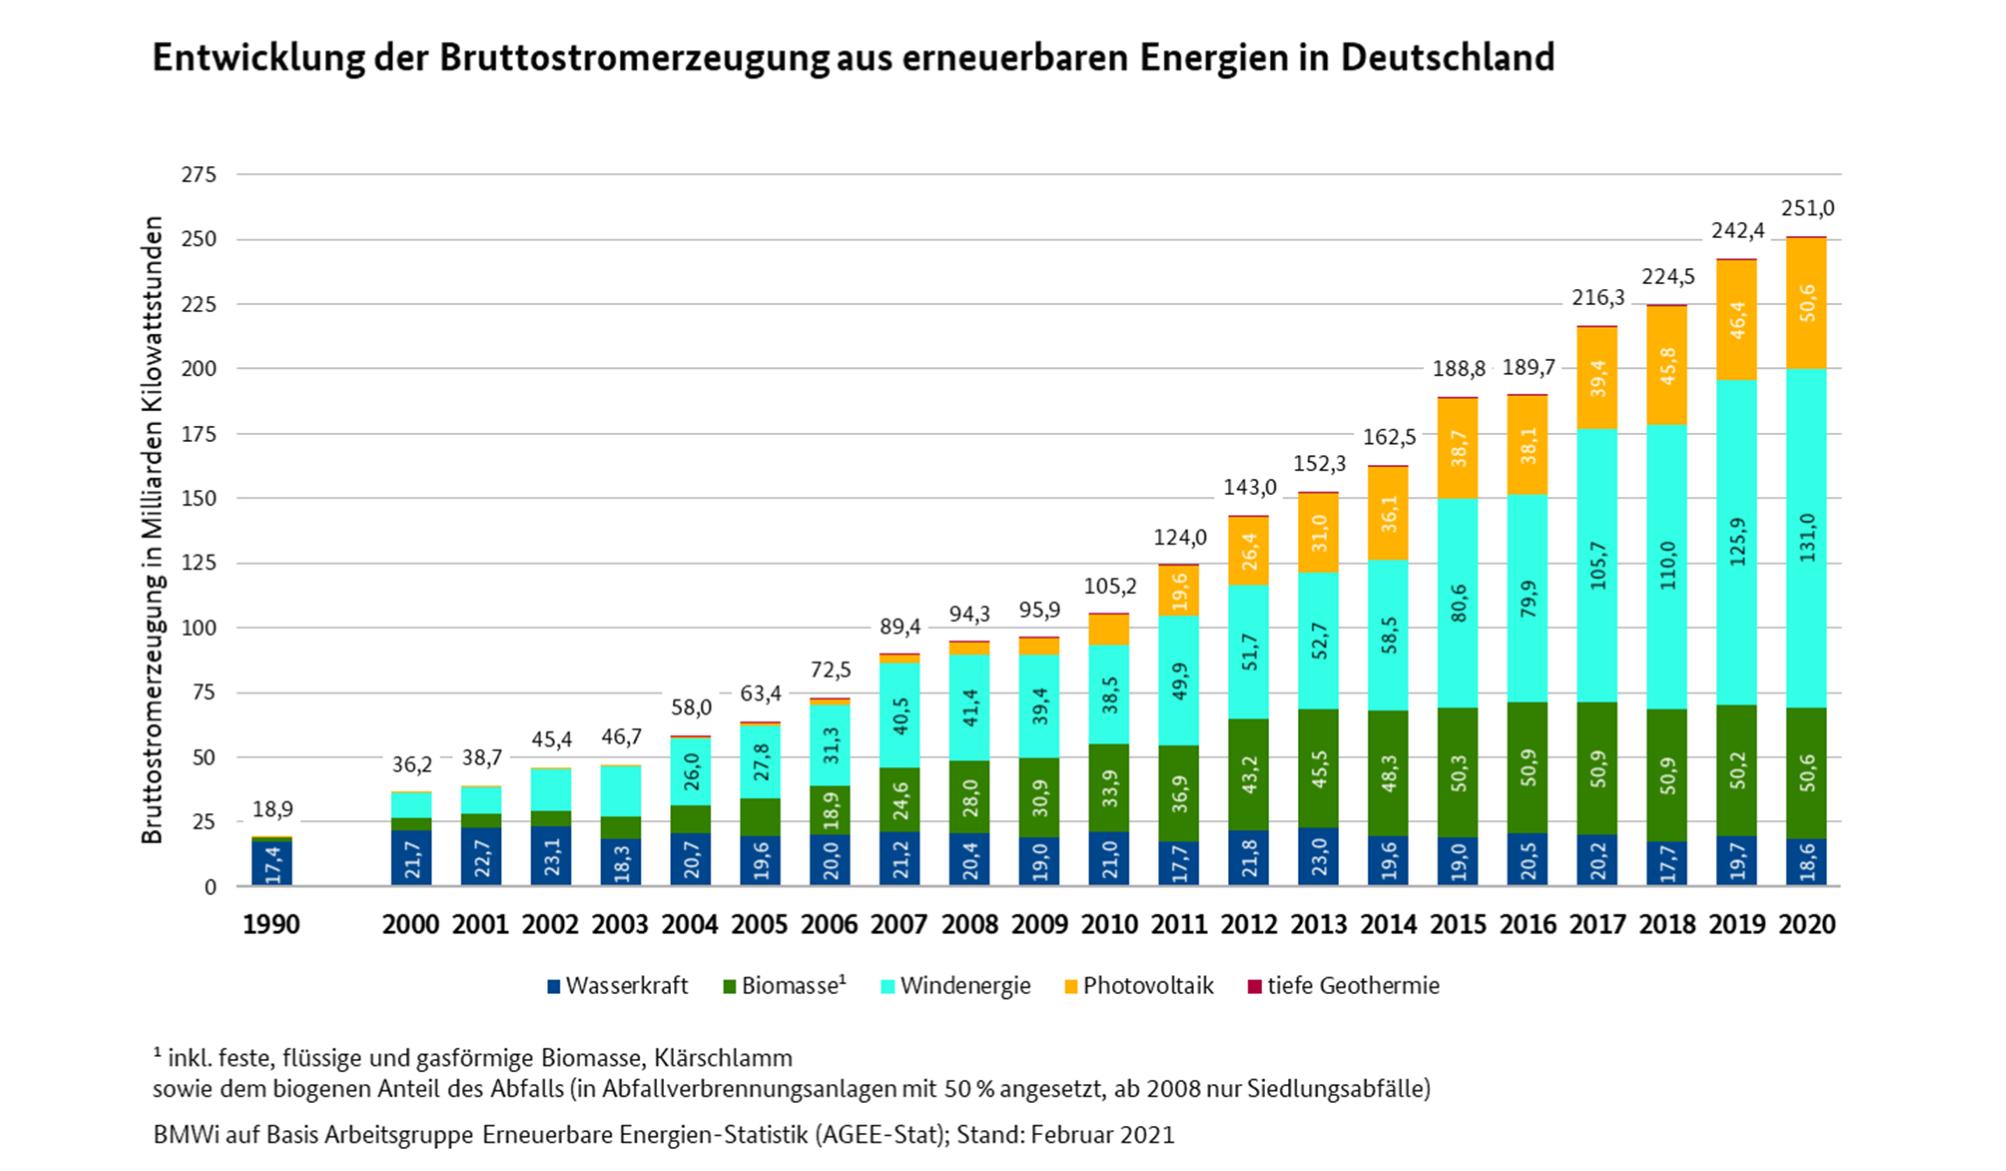 Entwicklung der Stromerzeugung aus erneuerbaren Energien, Stand 02/2021